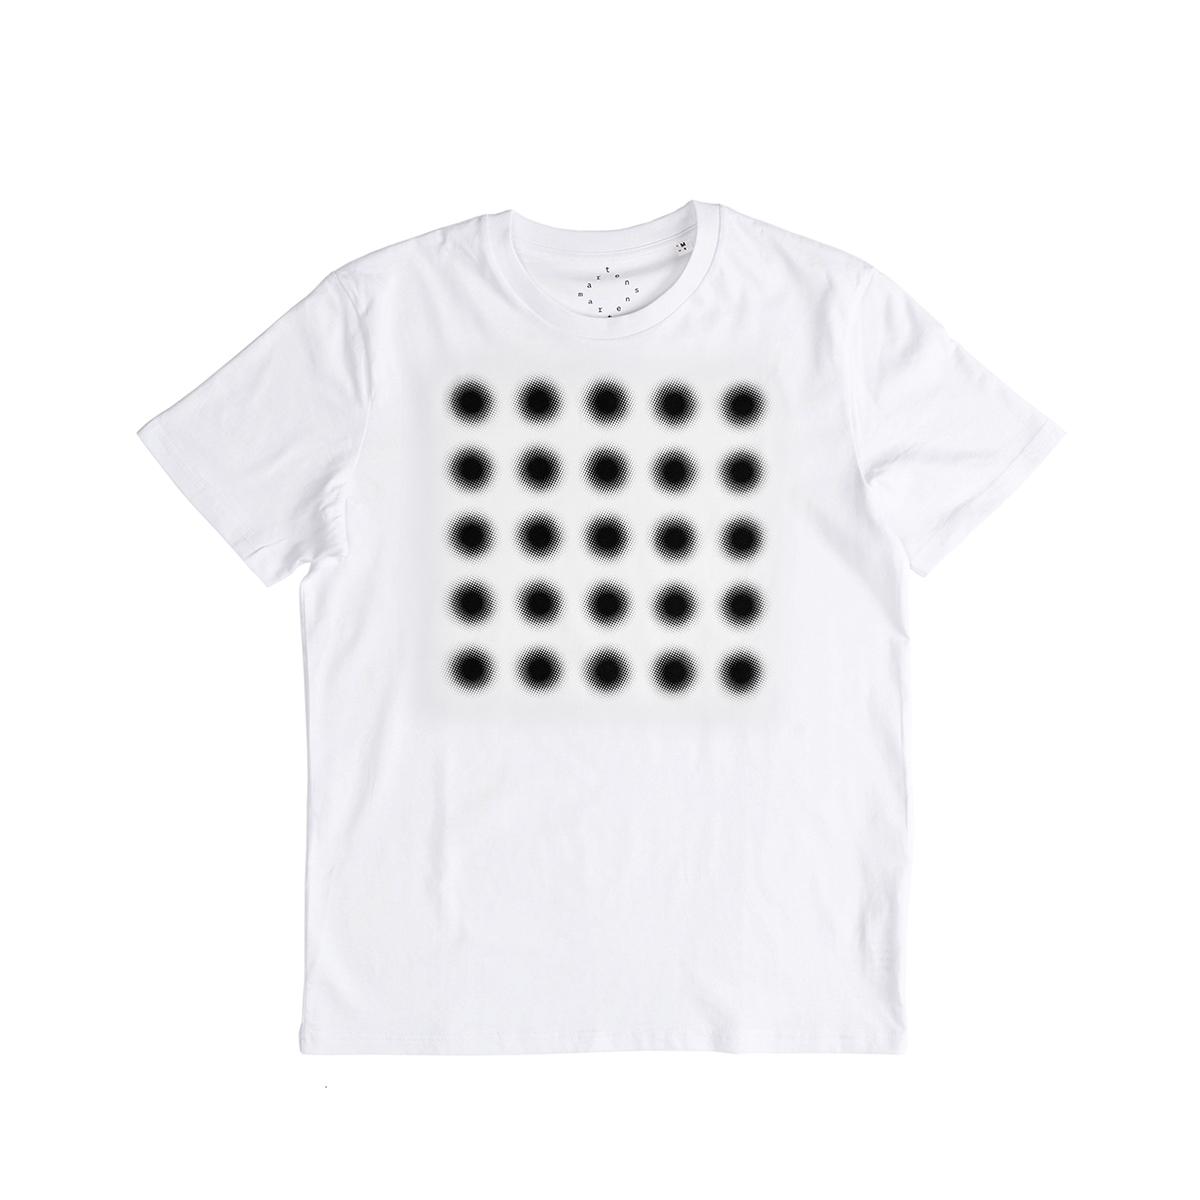 플랫폼엘 martens and martens t-shirt with printed dots (black, M)